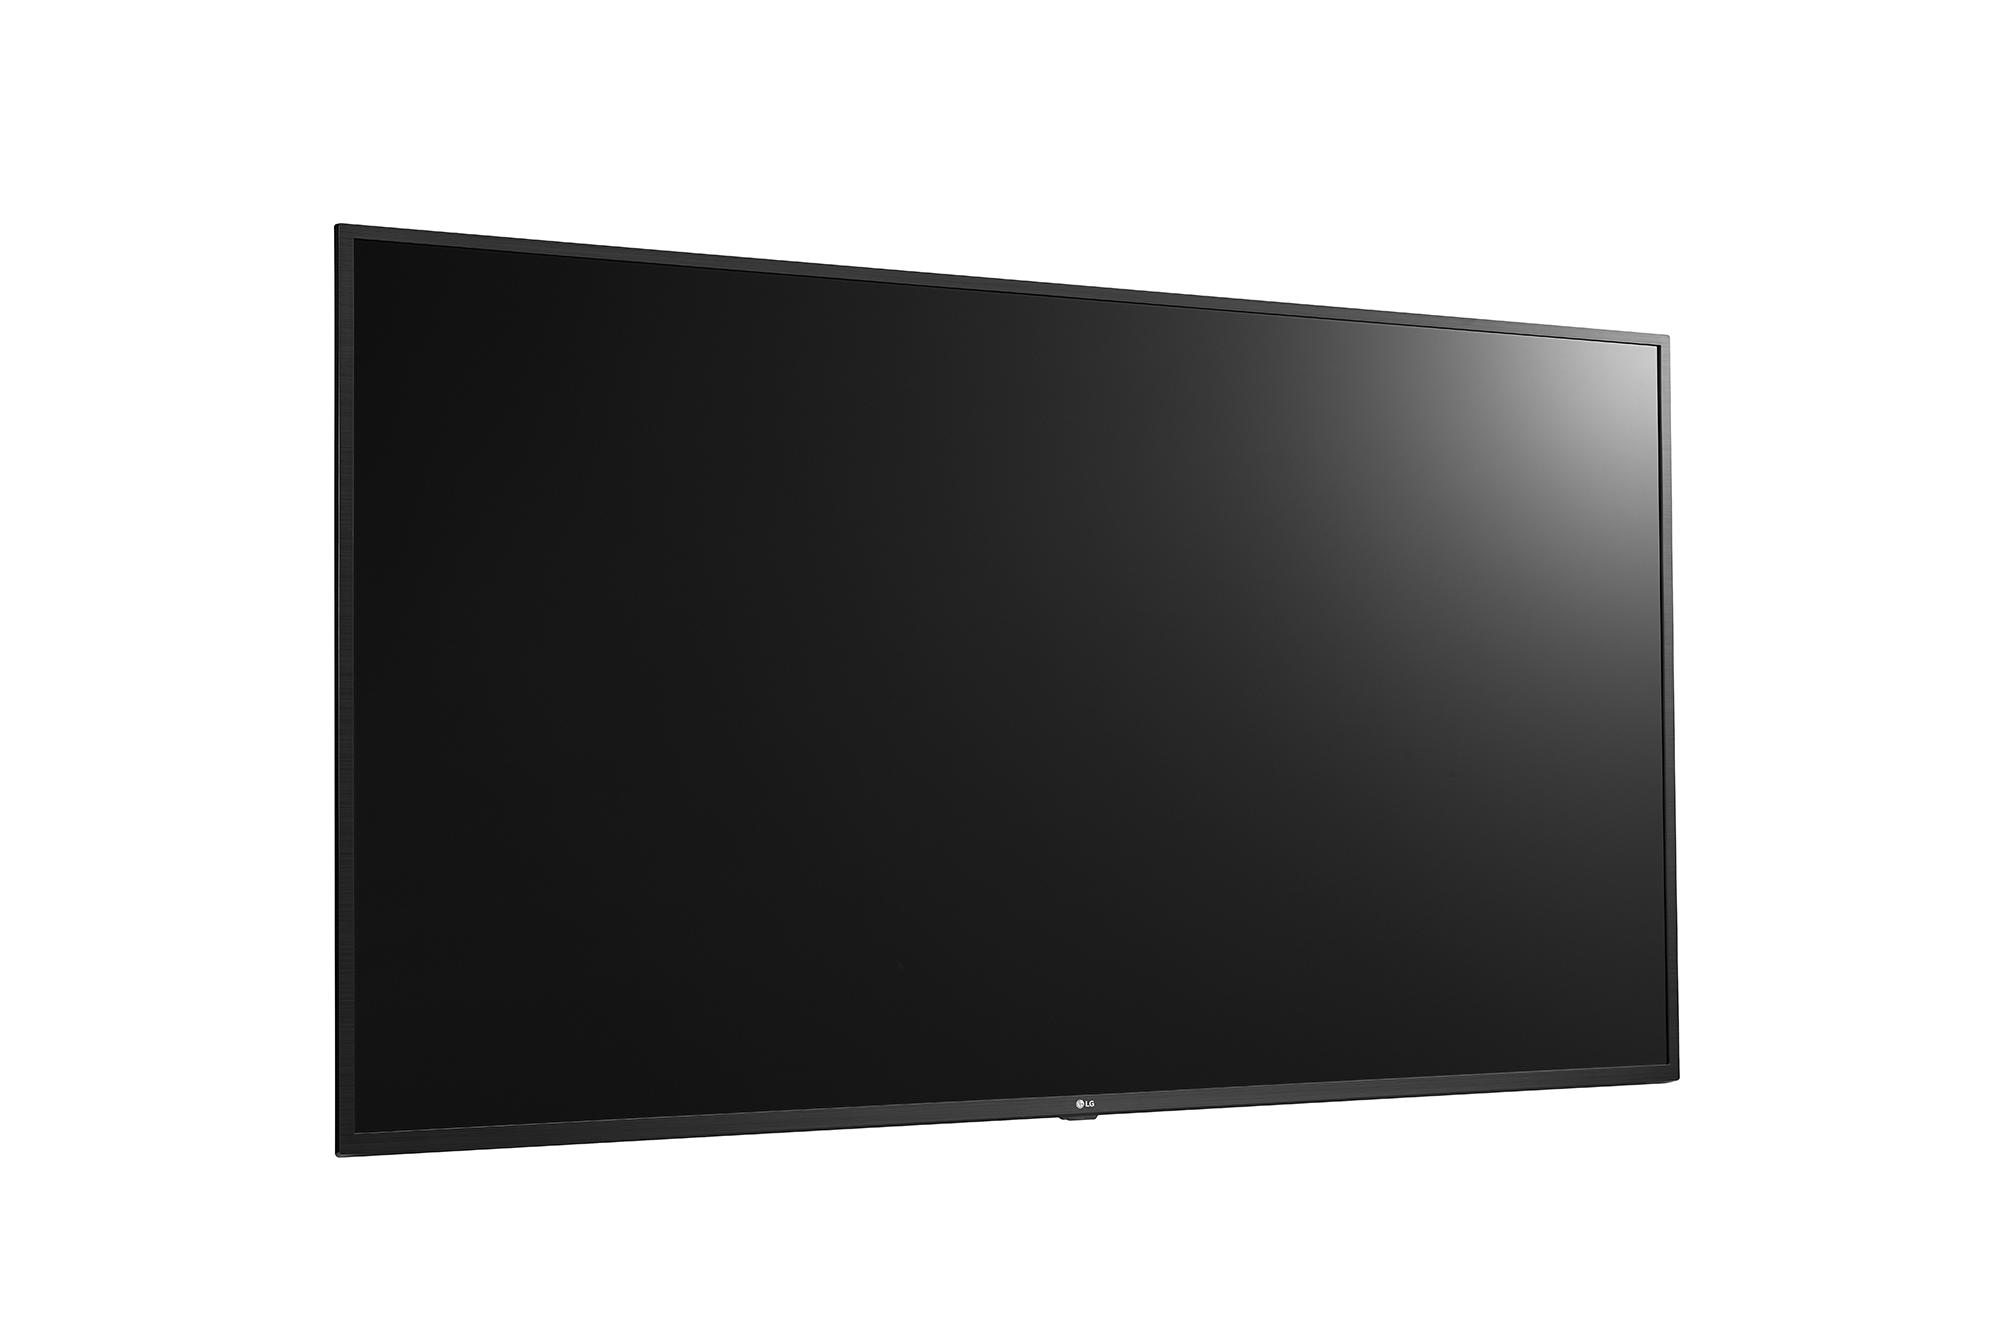 LG Standard Premium 55UL3G-B 7